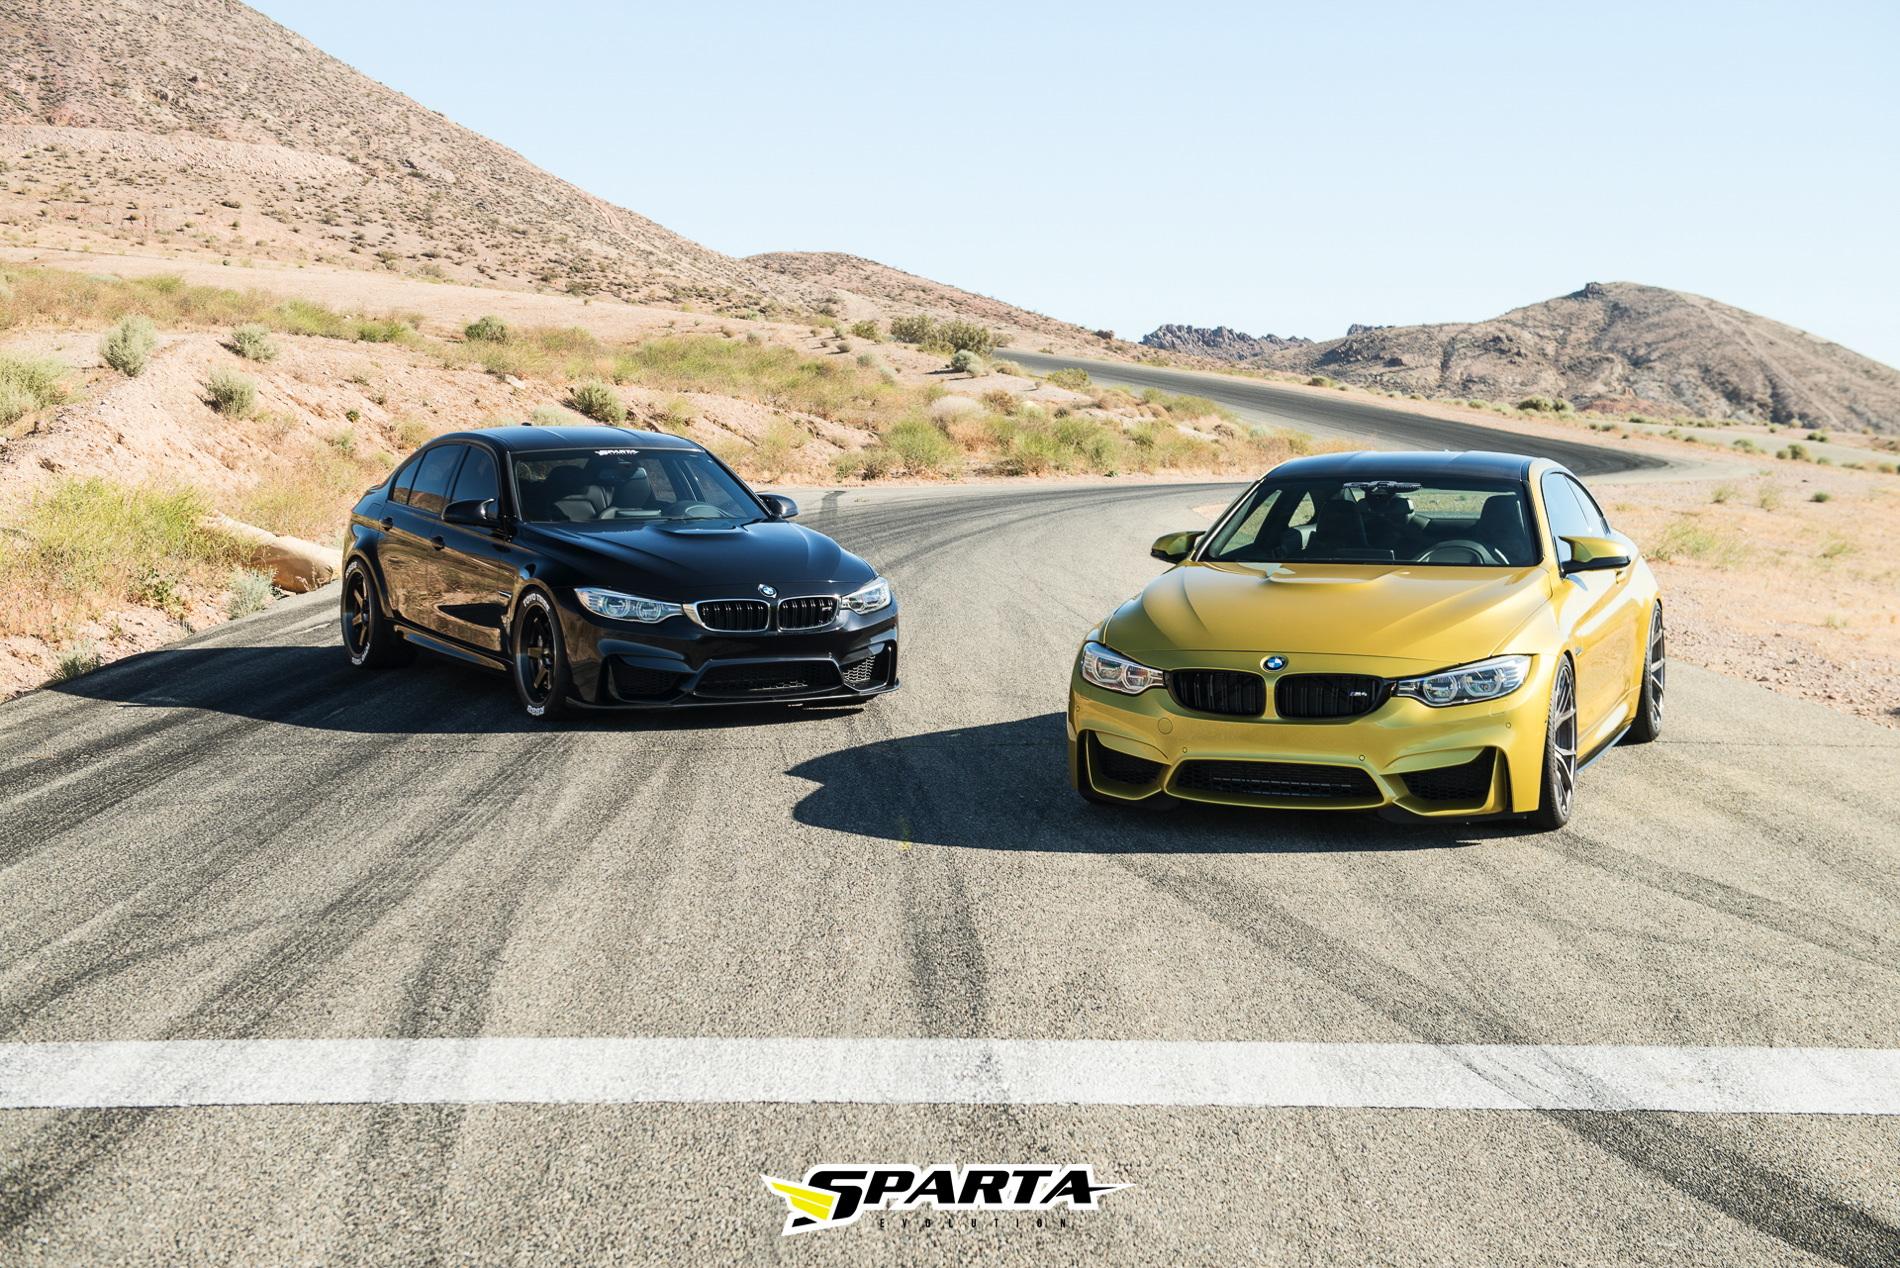 Sparta Evo BMW M3 M4 1